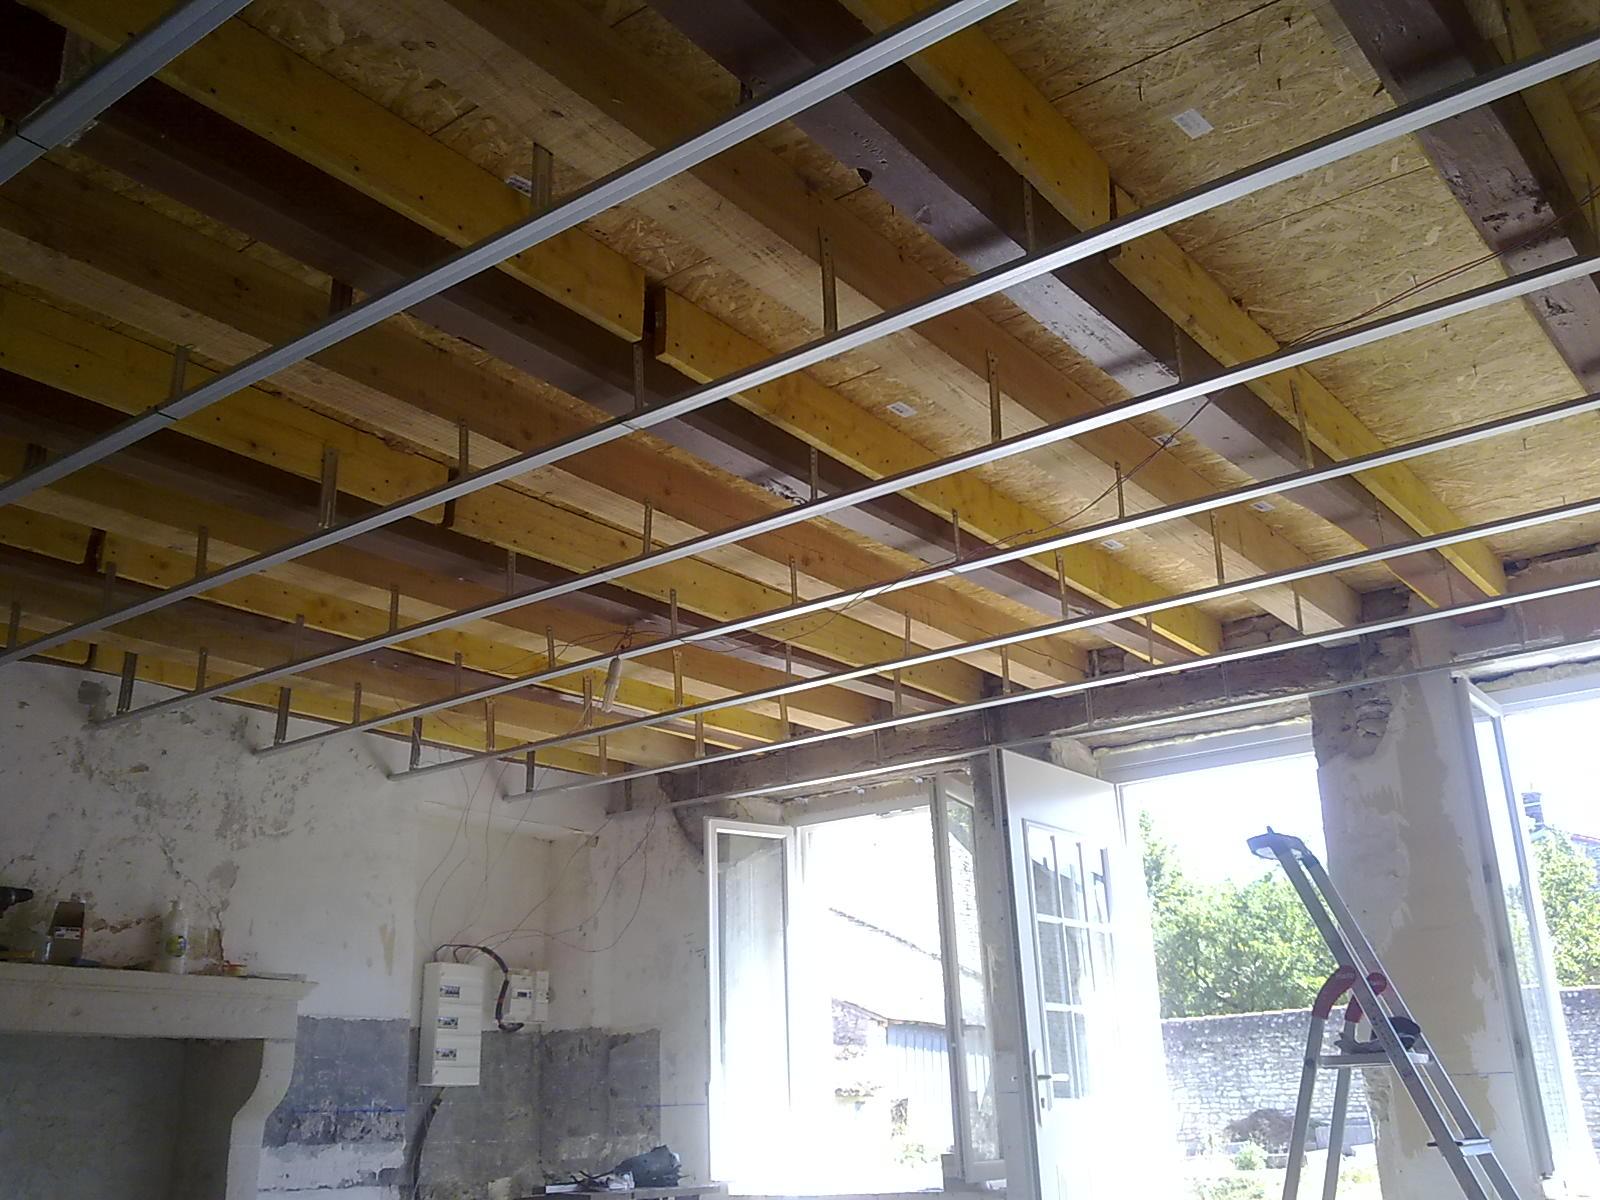 dalles isolantes plafond trouvez le meilleur prix sur voir avant d 39 acheter. Black Bedroom Furniture Sets. Home Design Ideas